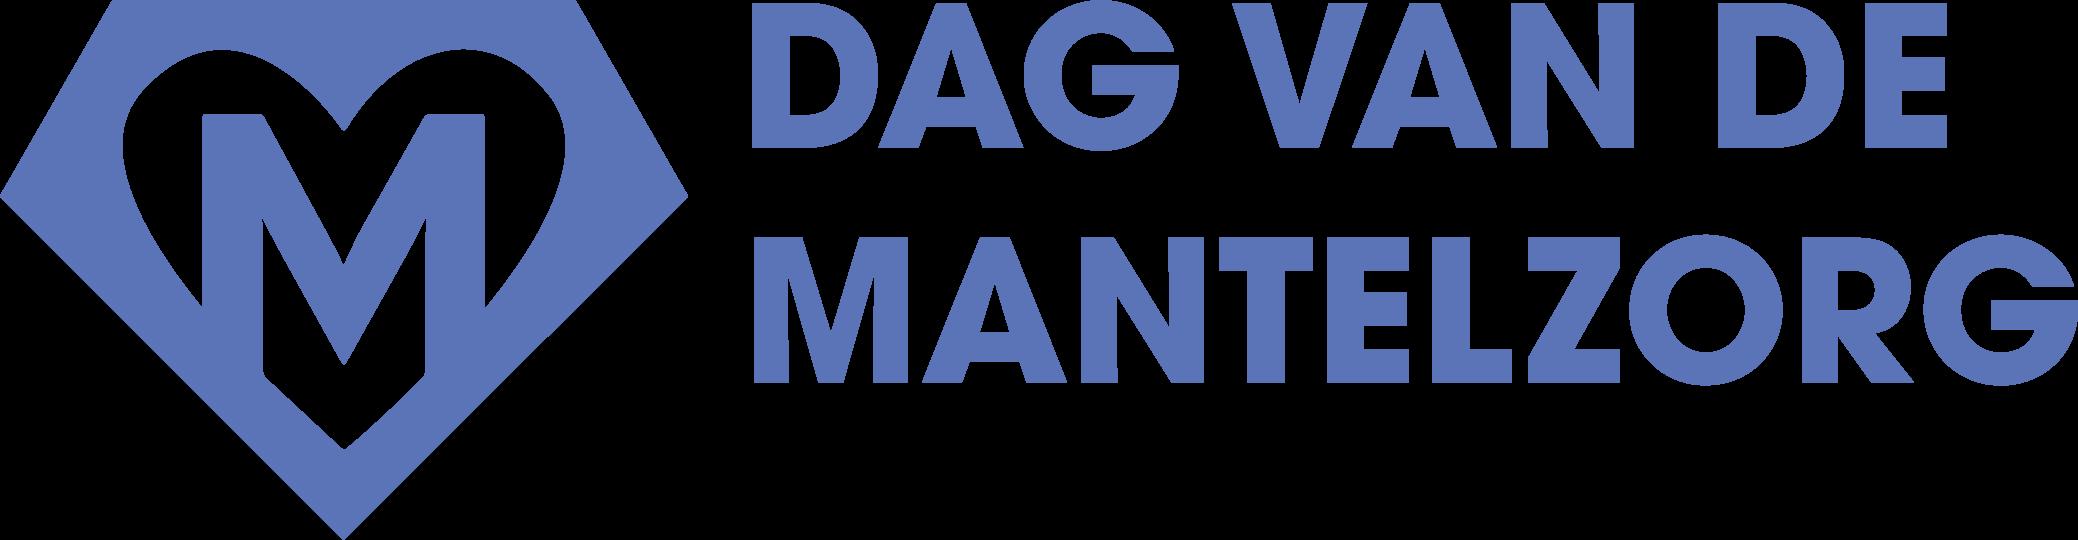 Dag van de mantelzorg Amsterdam-Zuidoost